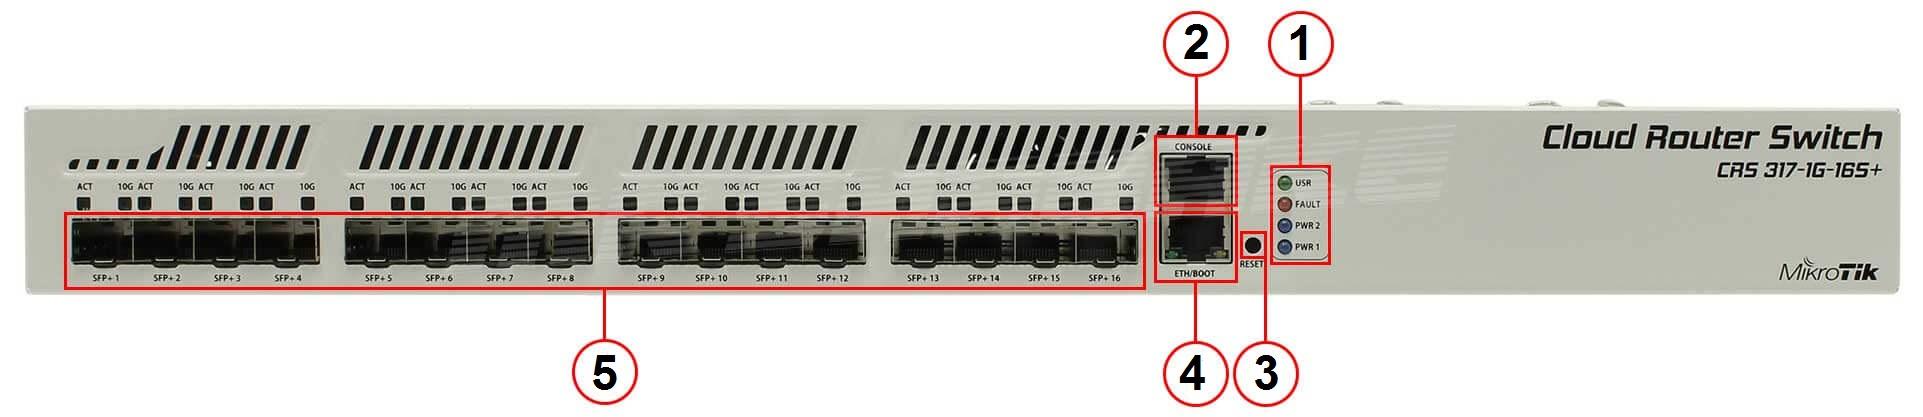 CRS317-1G-16SRM-front-panel MIKROTIK